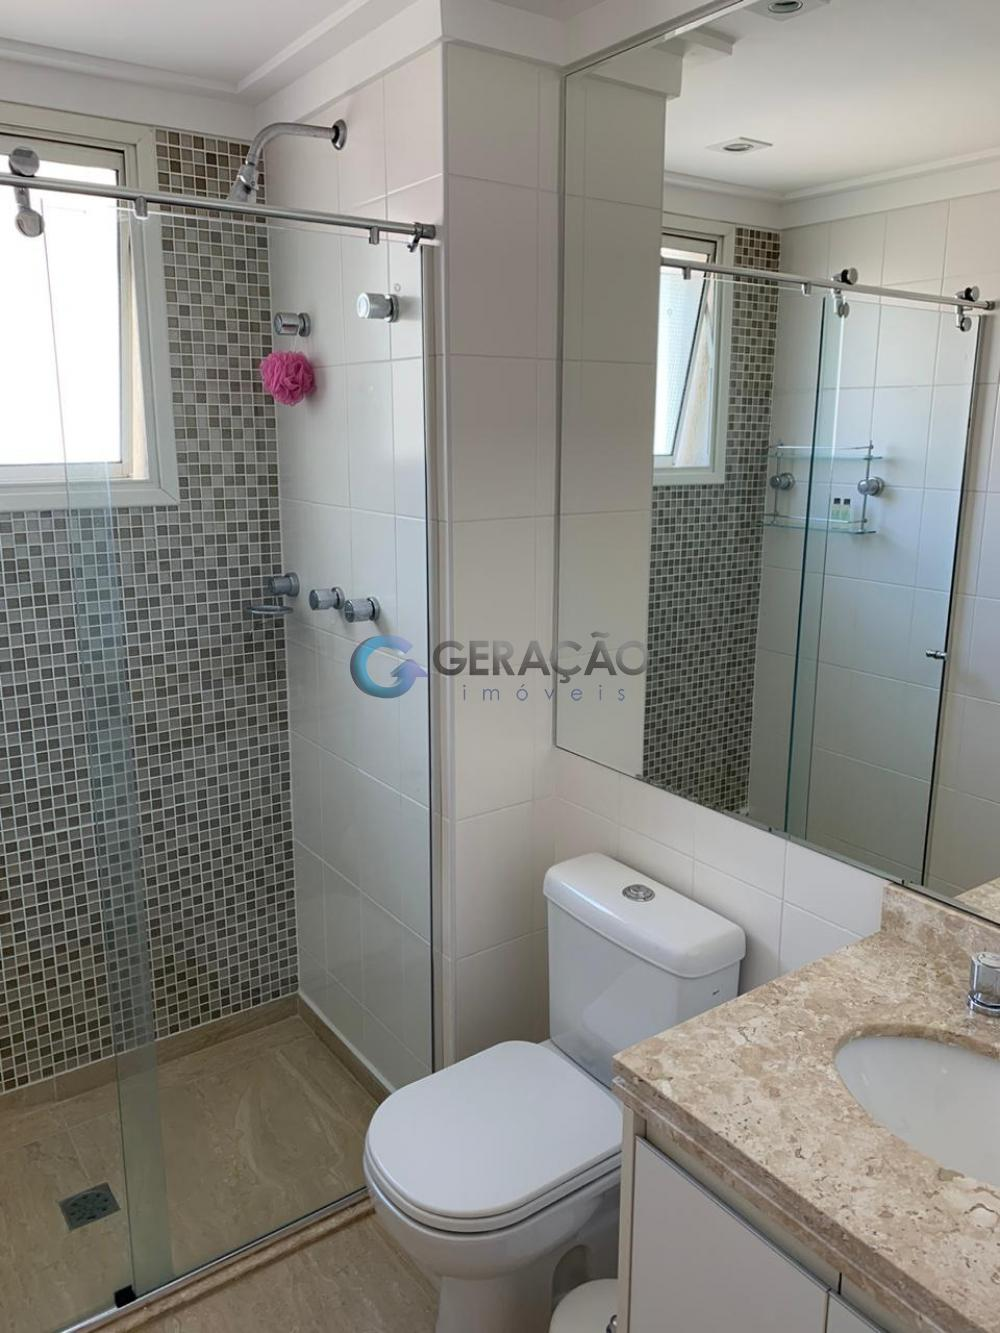 Comprar Apartamento / Padrão em São José dos Campos apenas R$ 1.500.000,00 - Foto 18